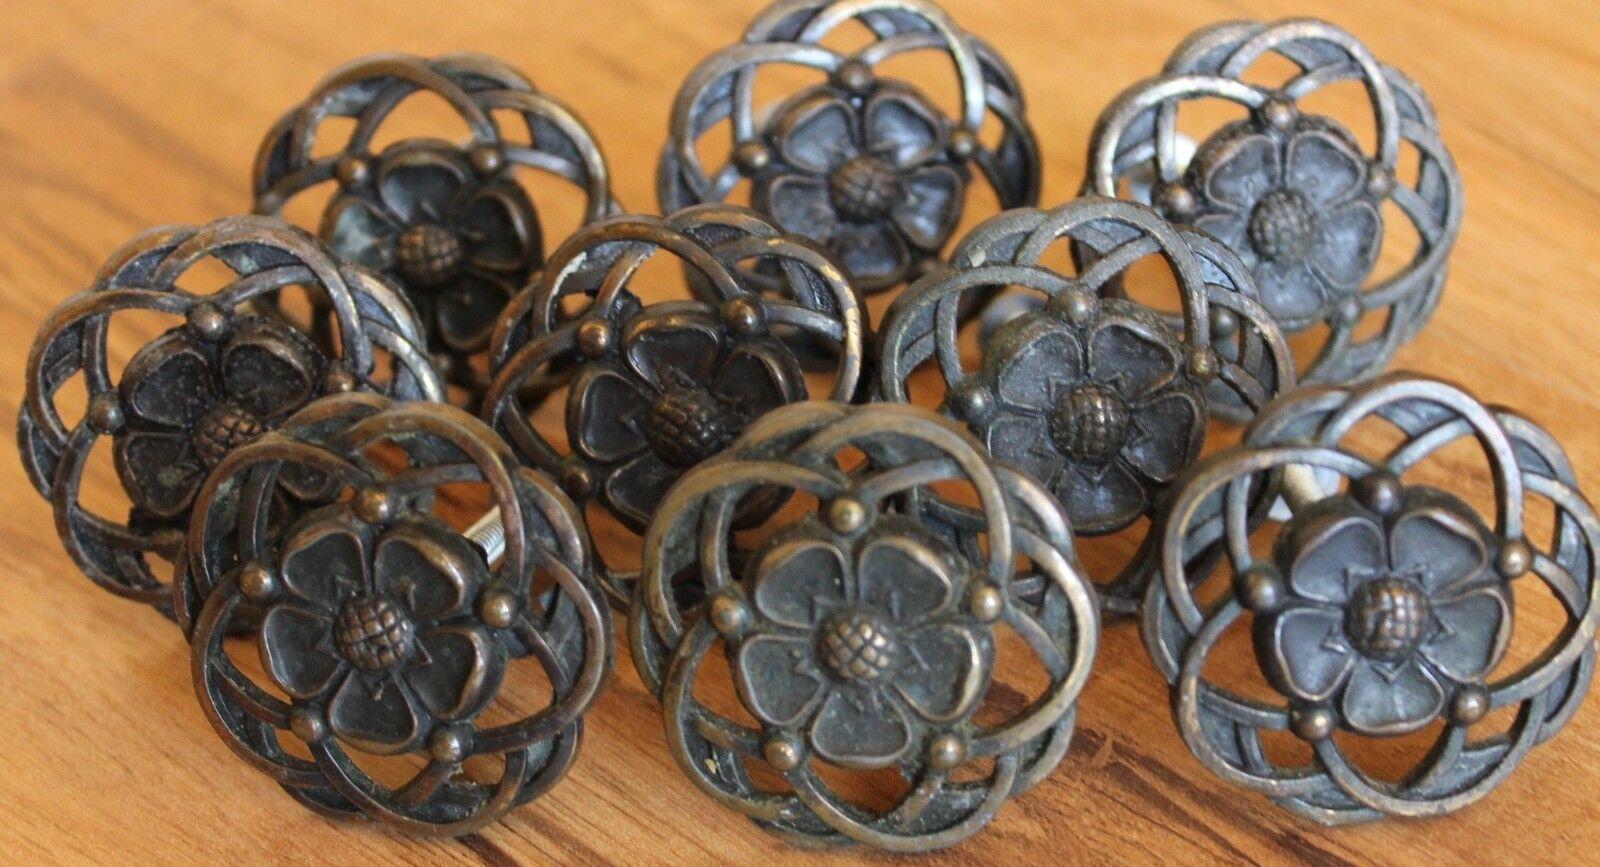 19 Vintage Flower design Knobs